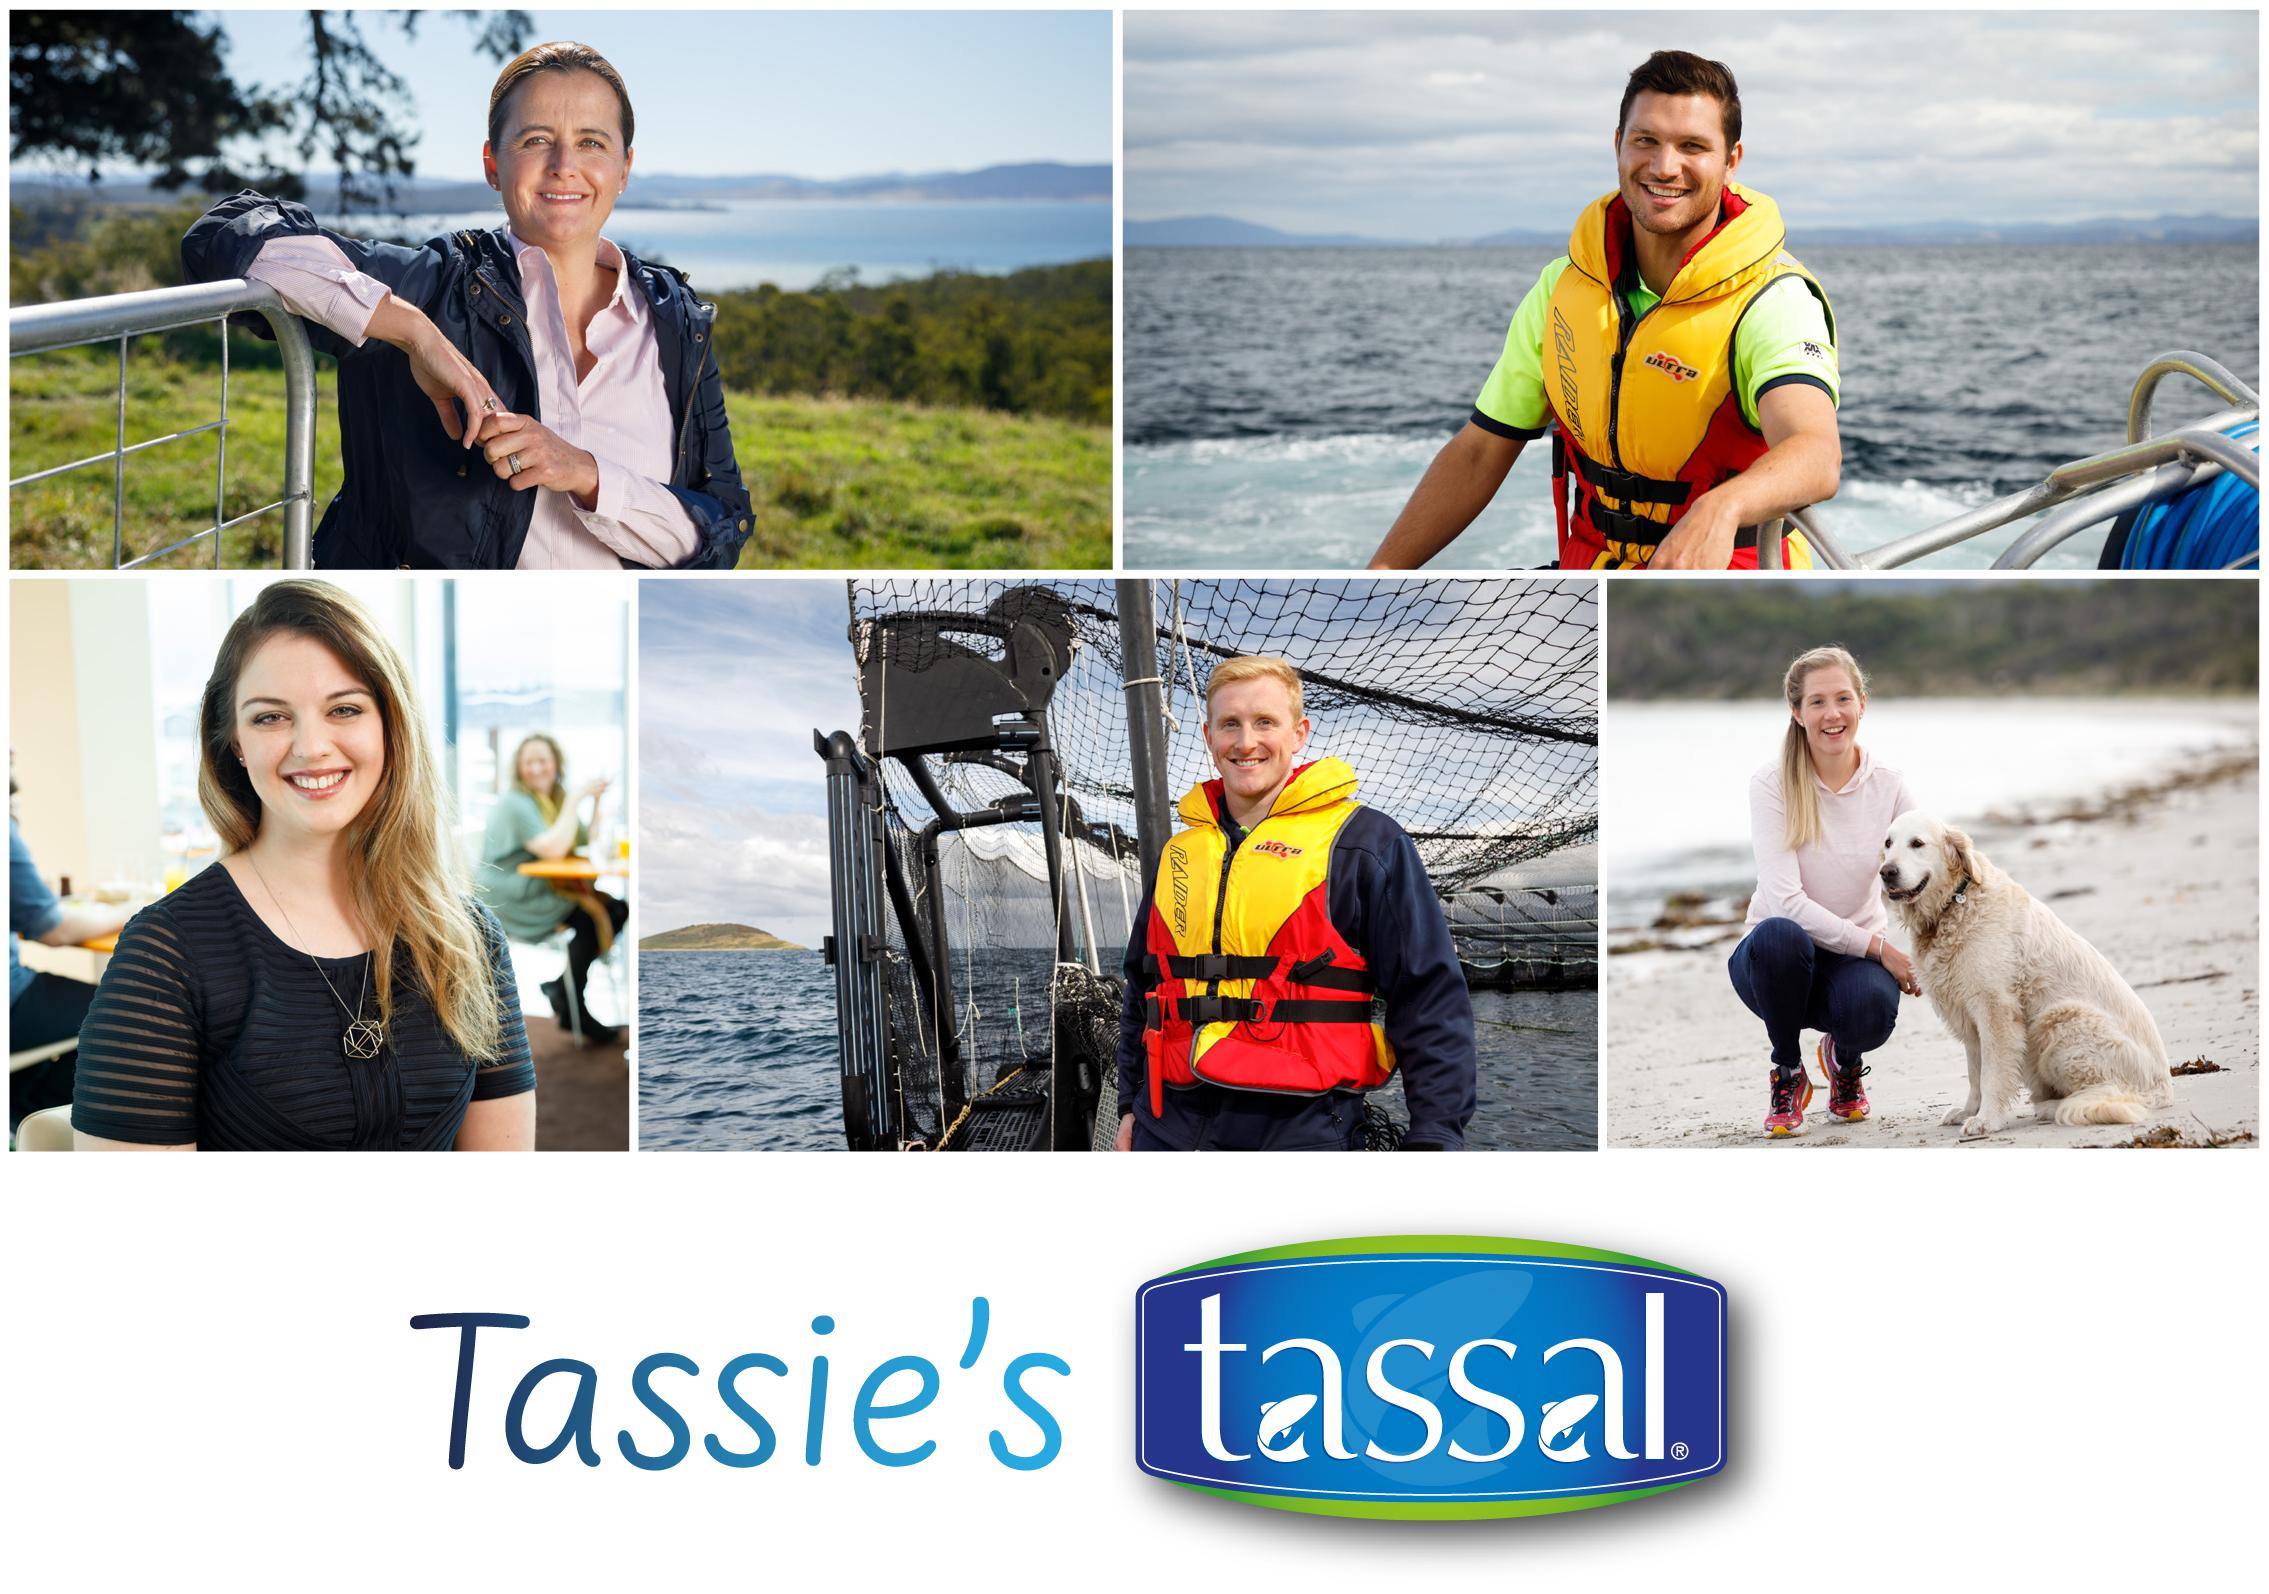 Tassie's Tassal header